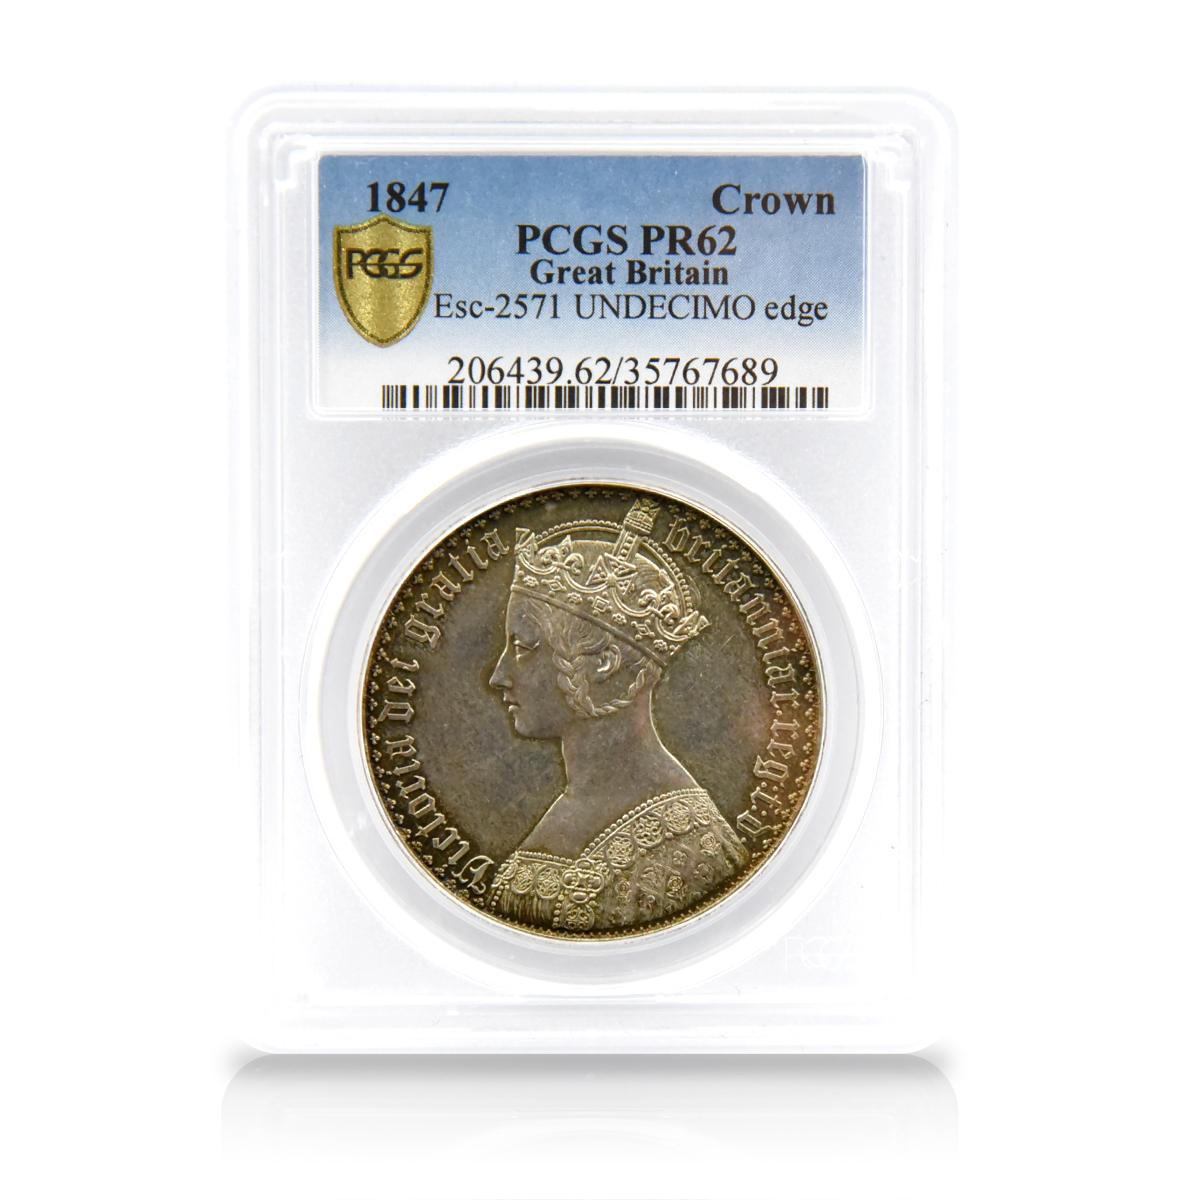 1847年 ヴィクトリア ゴシッククラウン プルーフ銀貨 UndecimoEdge PCGS PR62